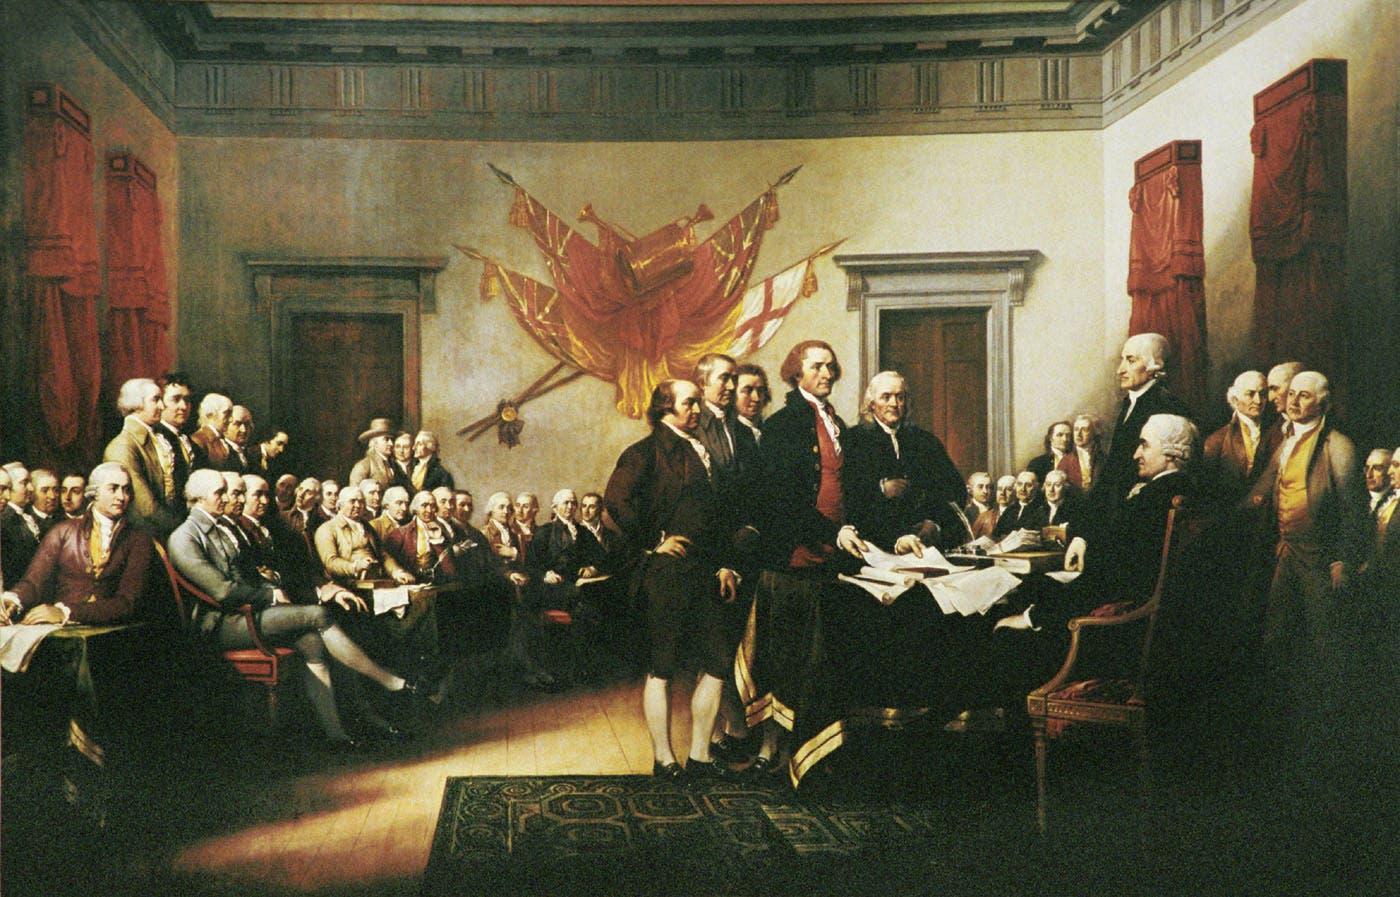 عدد من الآباء المؤسسين بالولايات المتحدة الأميركية